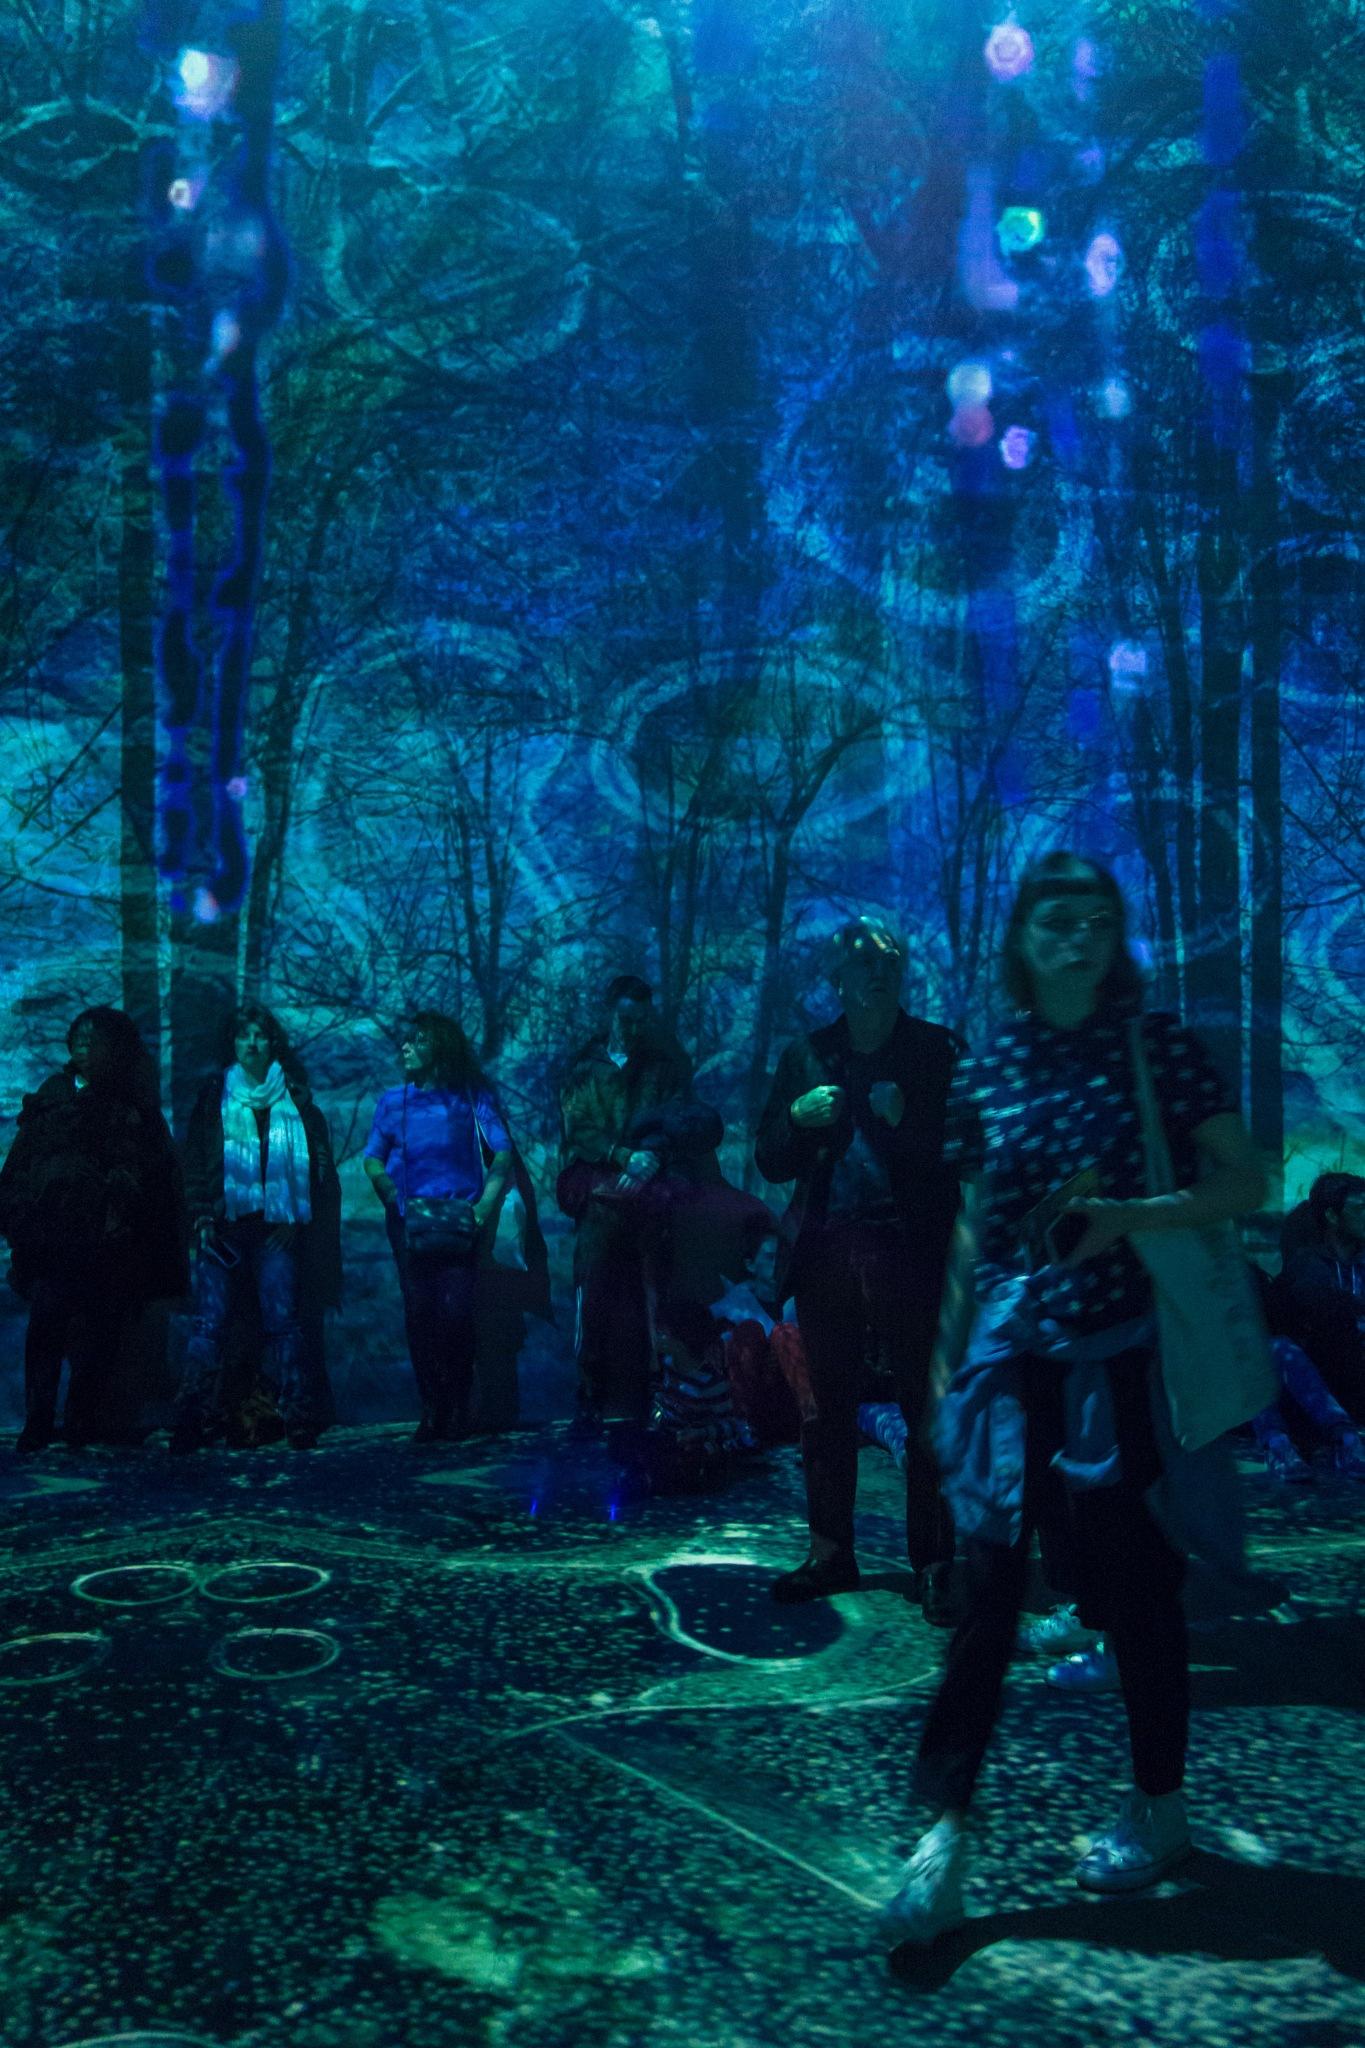 Hundertwasser exhibition by Hervé Samson